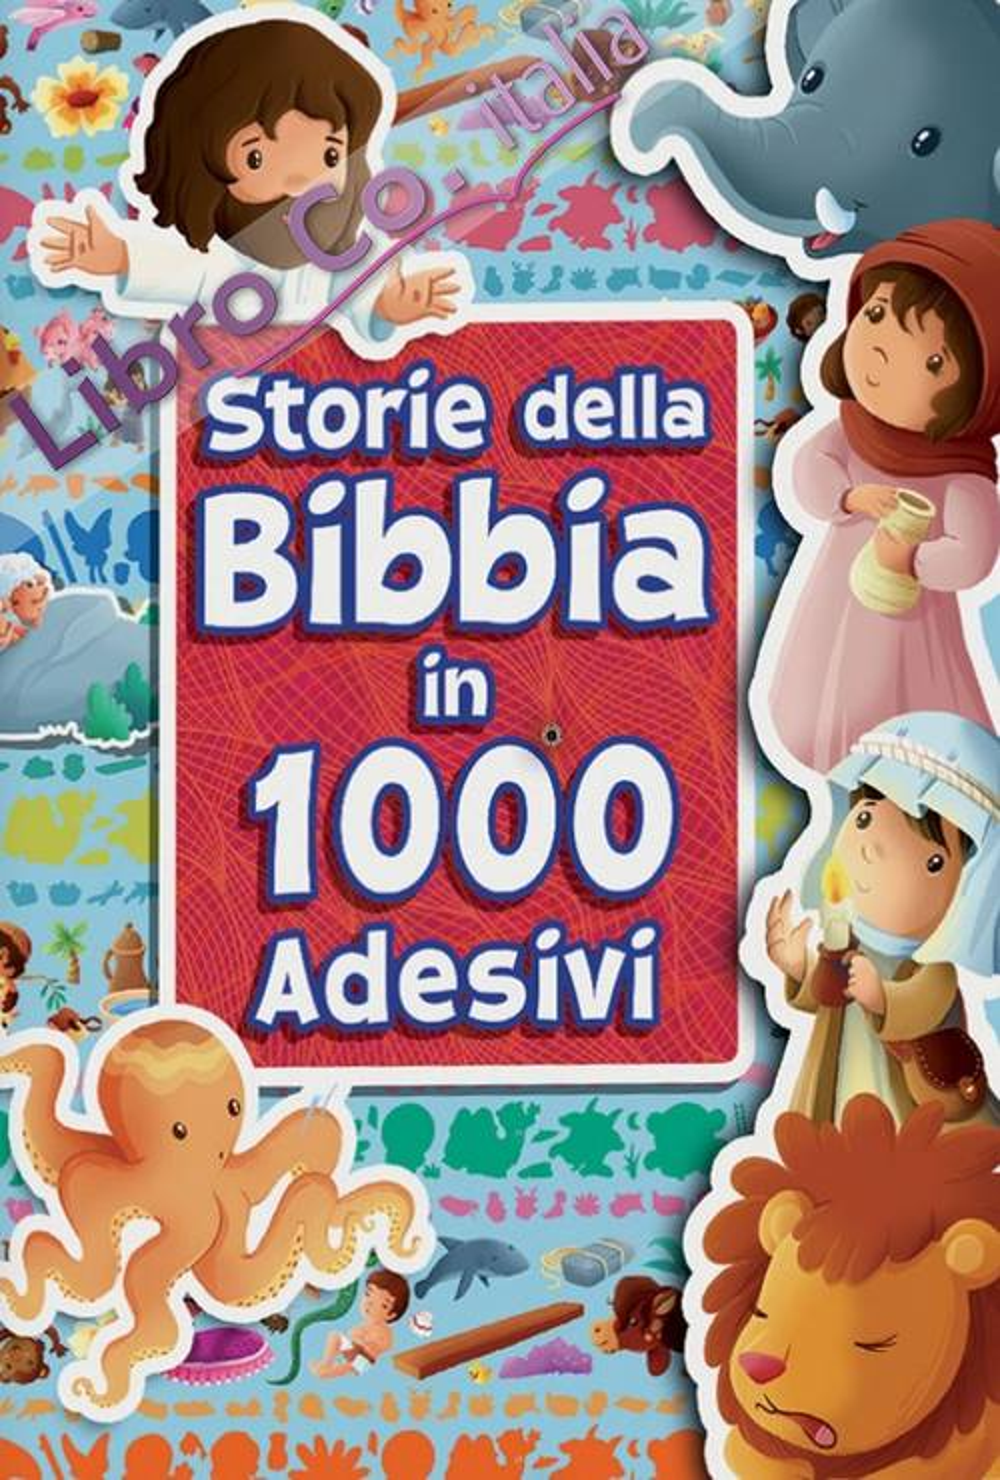 Storie della Bibbia in 1000 adesivi